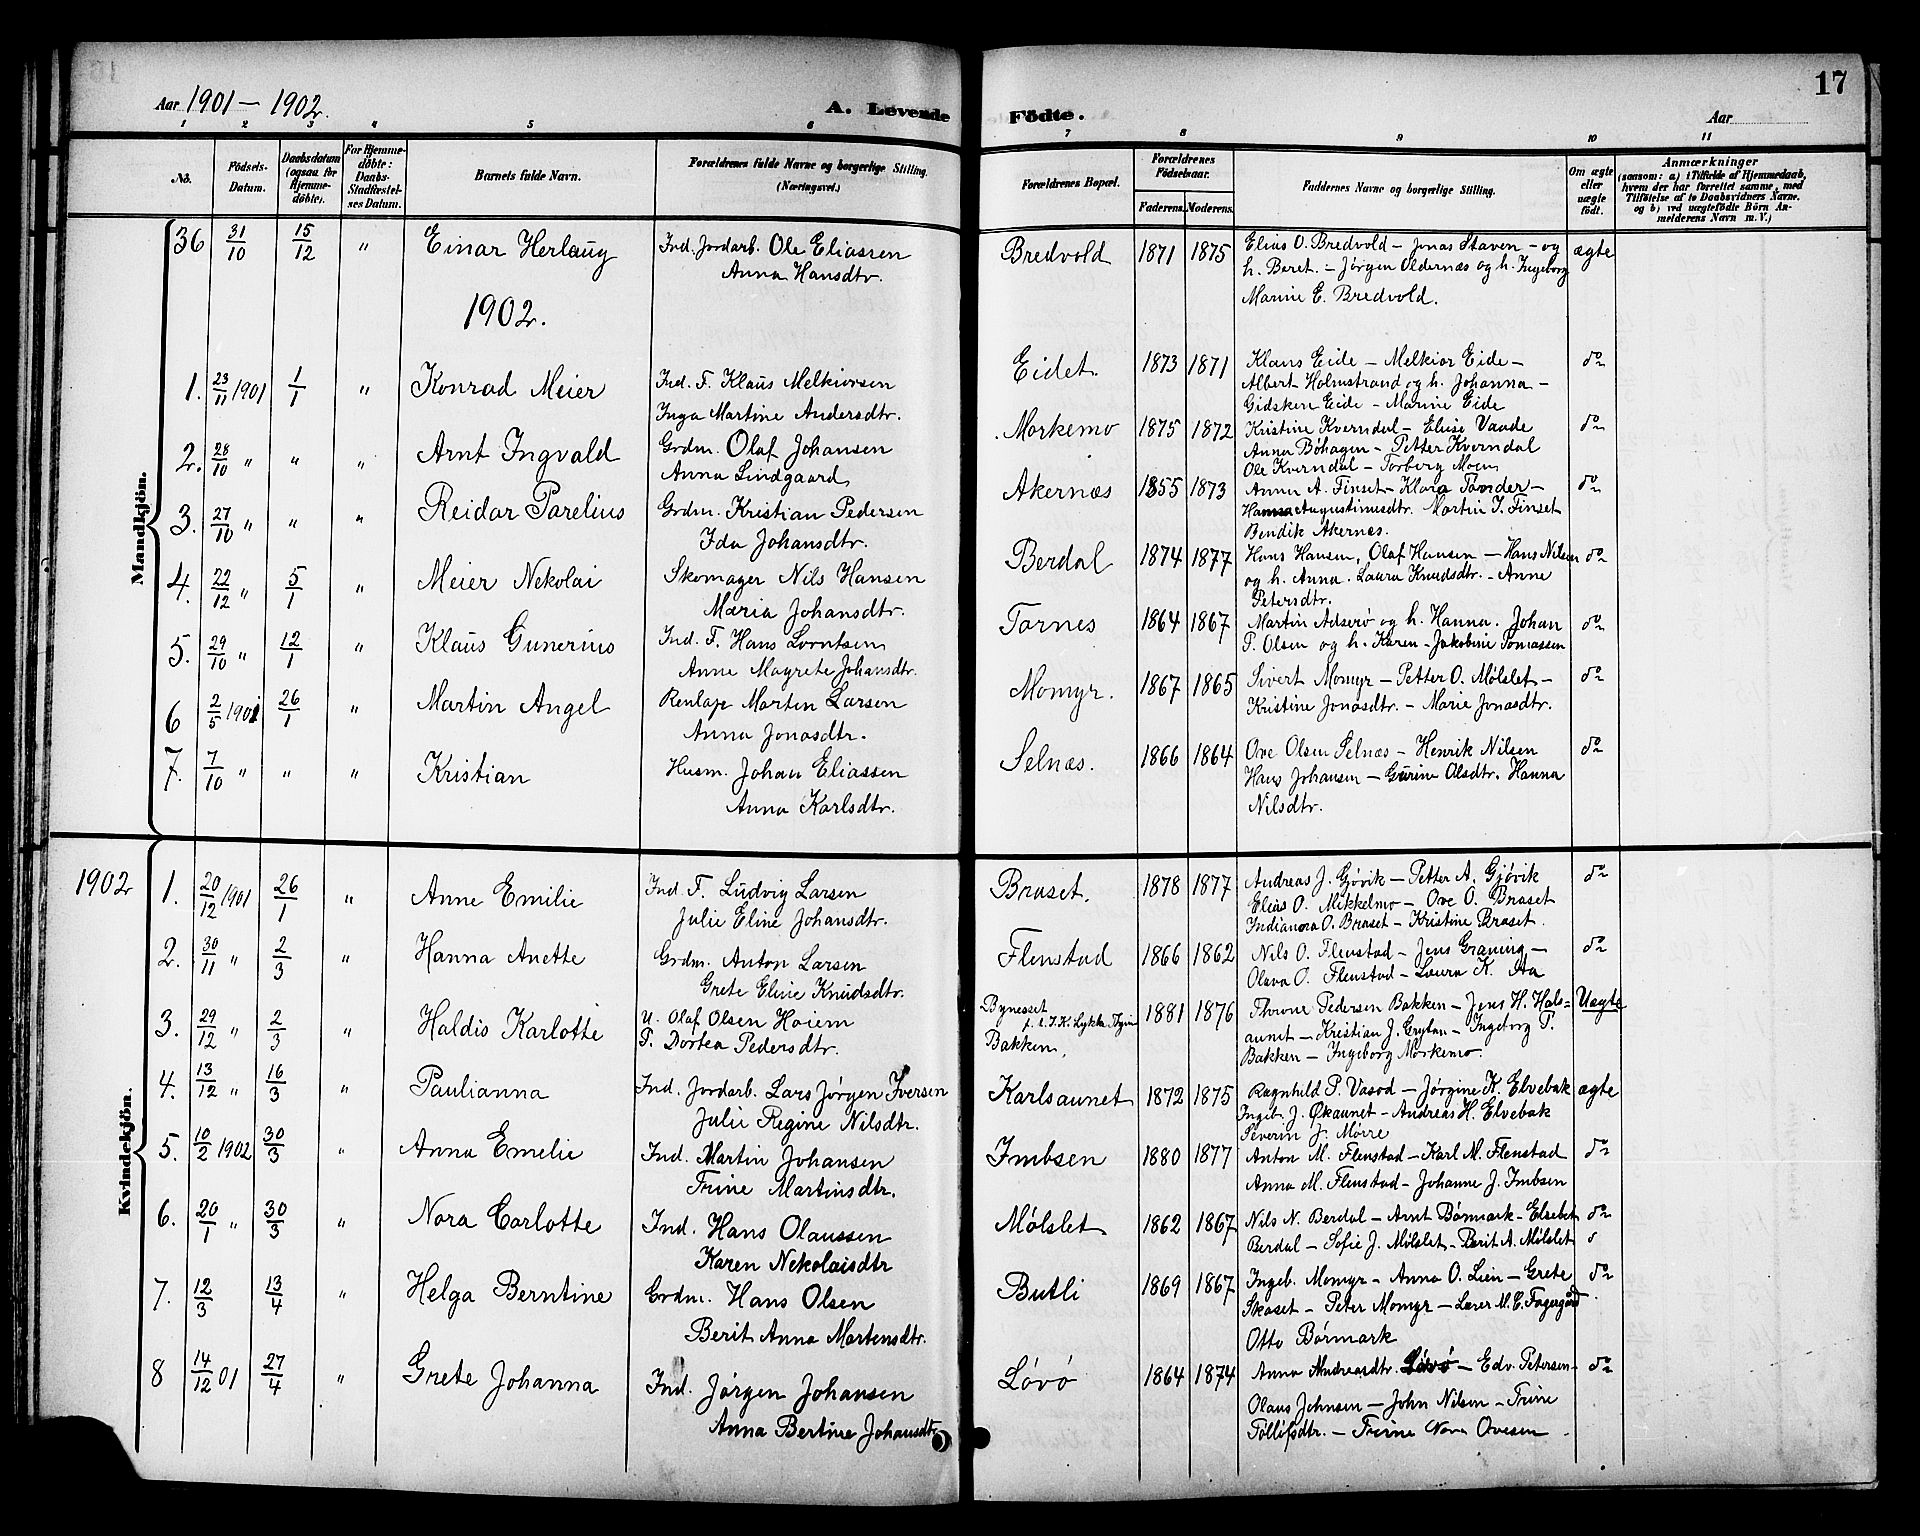 SAT, Ministerialprotokoller, klokkerbøker og fødselsregistre - Sør-Trøndelag, 655/L0688: Klokkerbok nr. 655C04, 1899-1922, s. 17